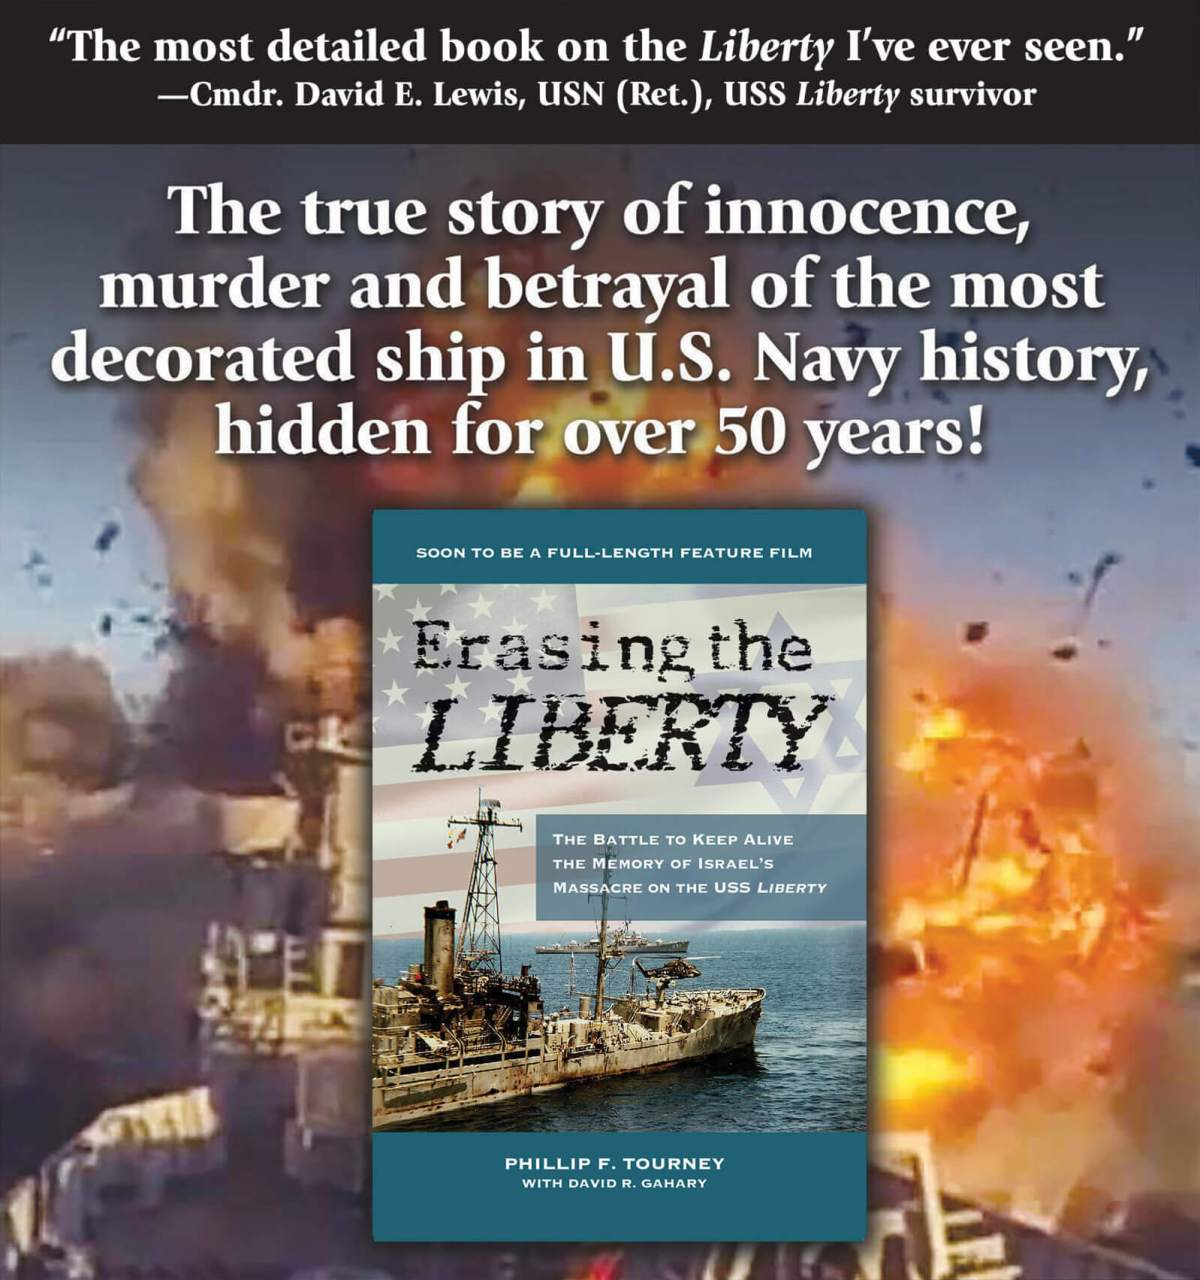 Erasing the Liberty intro